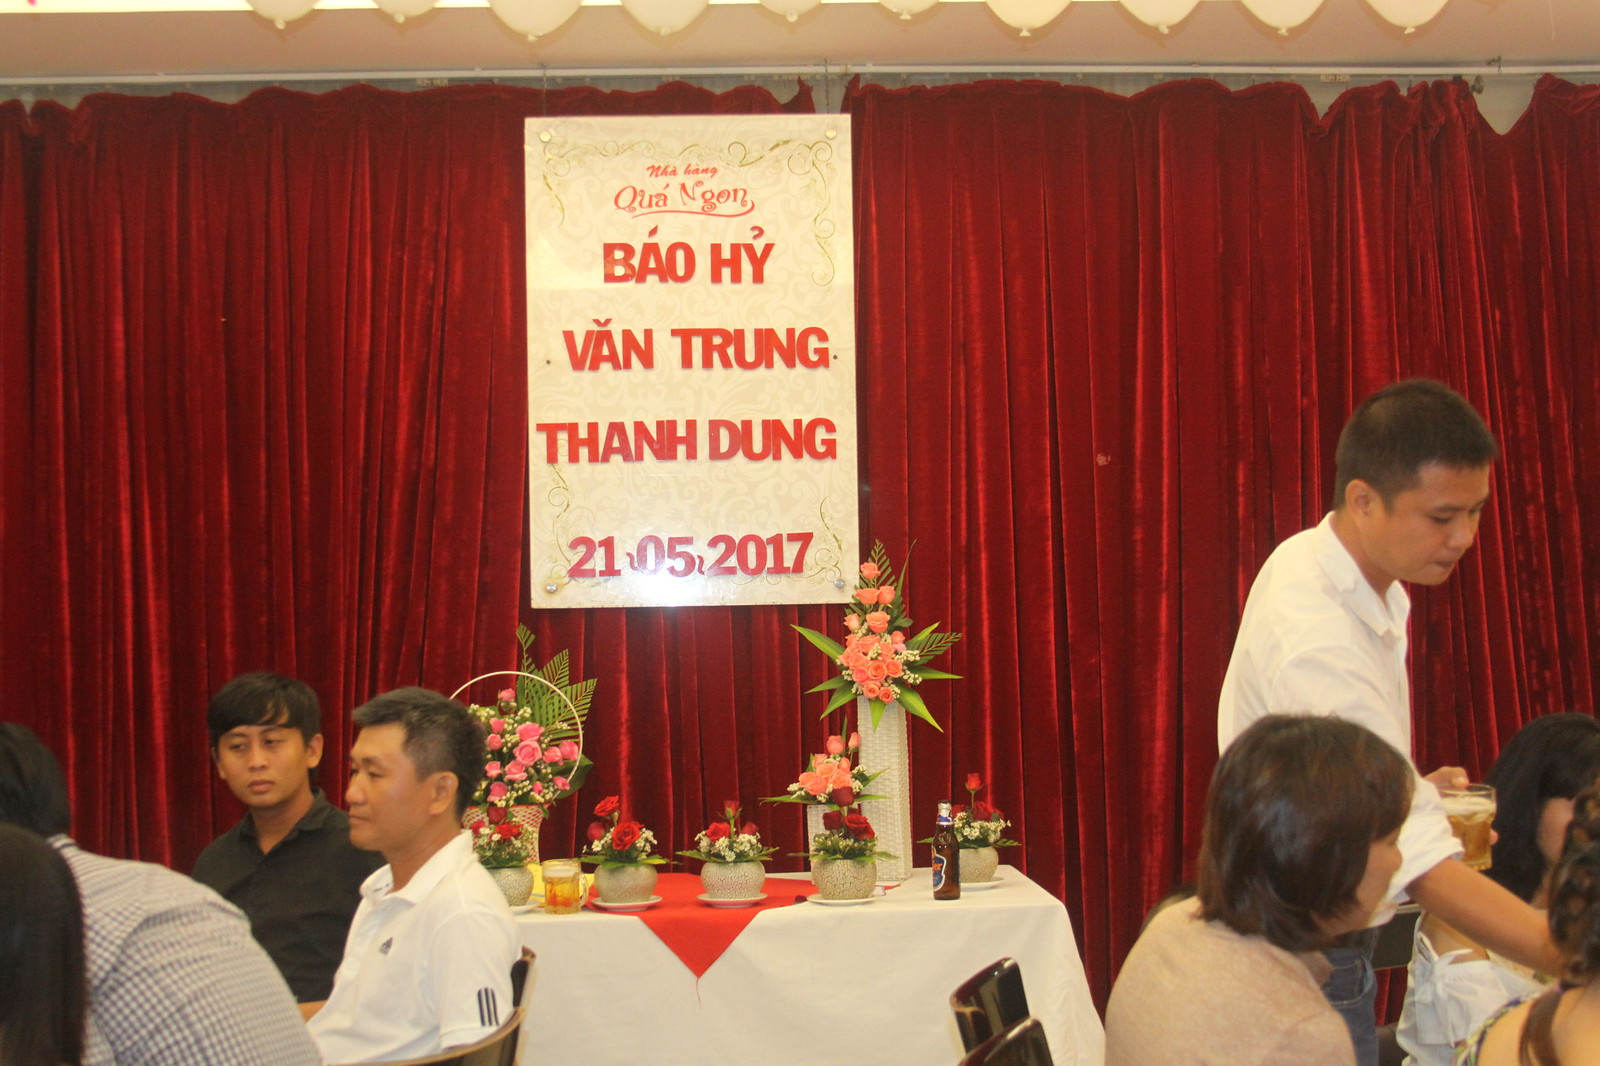 Tiệc Báo Hỷ Văn Trung - Thanh Dung